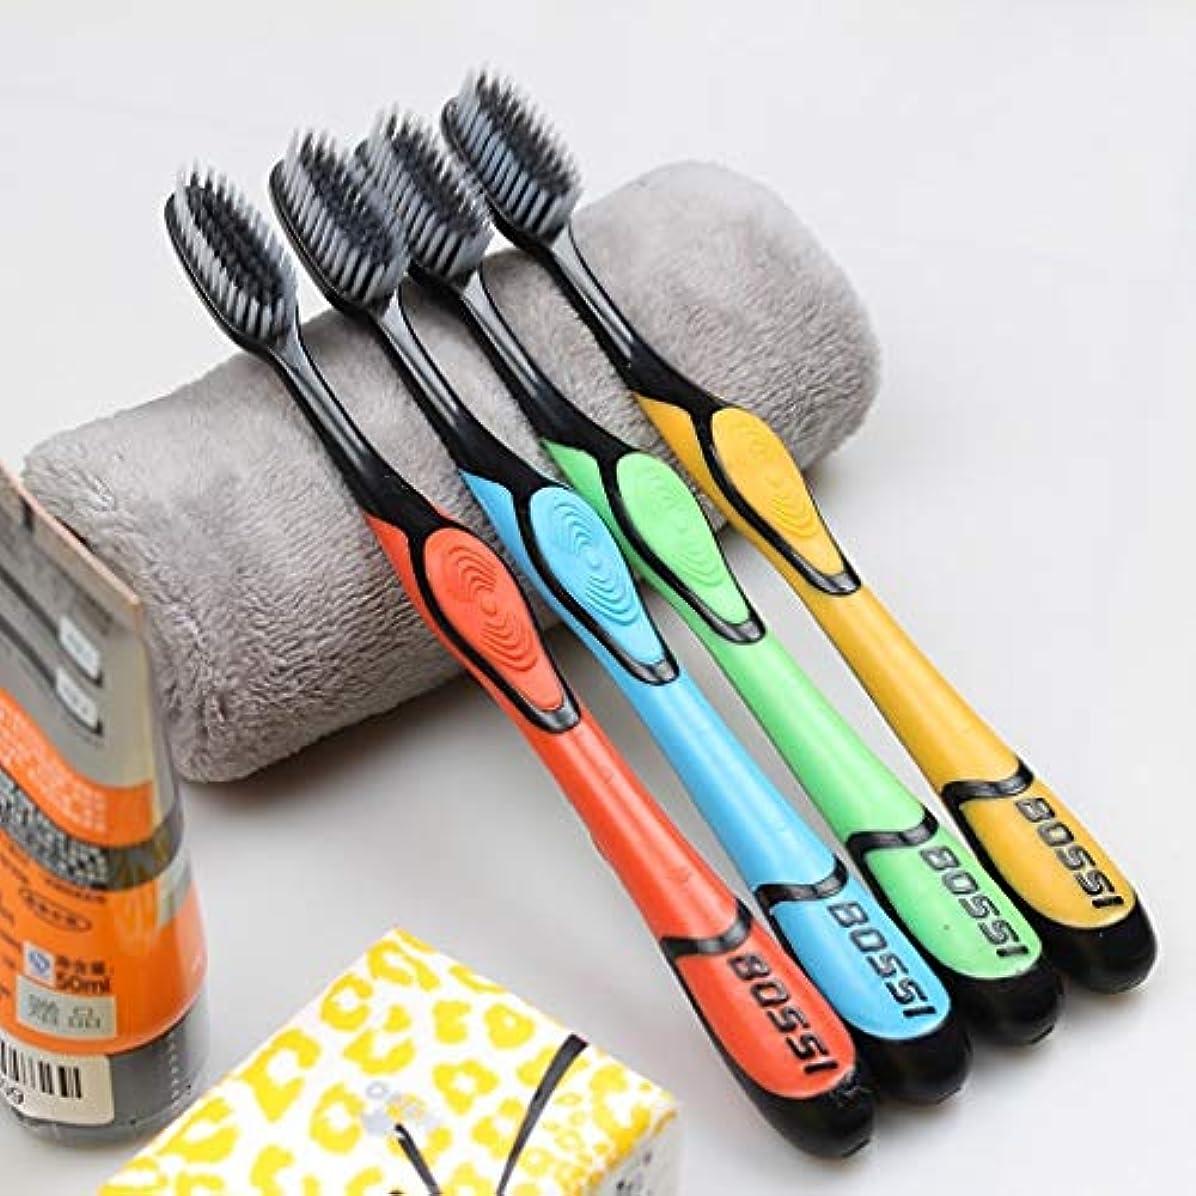 亜熱帯趣味分析的竹炭の歯ブラシ、滑り止めの高品質PPハンドル、10パック